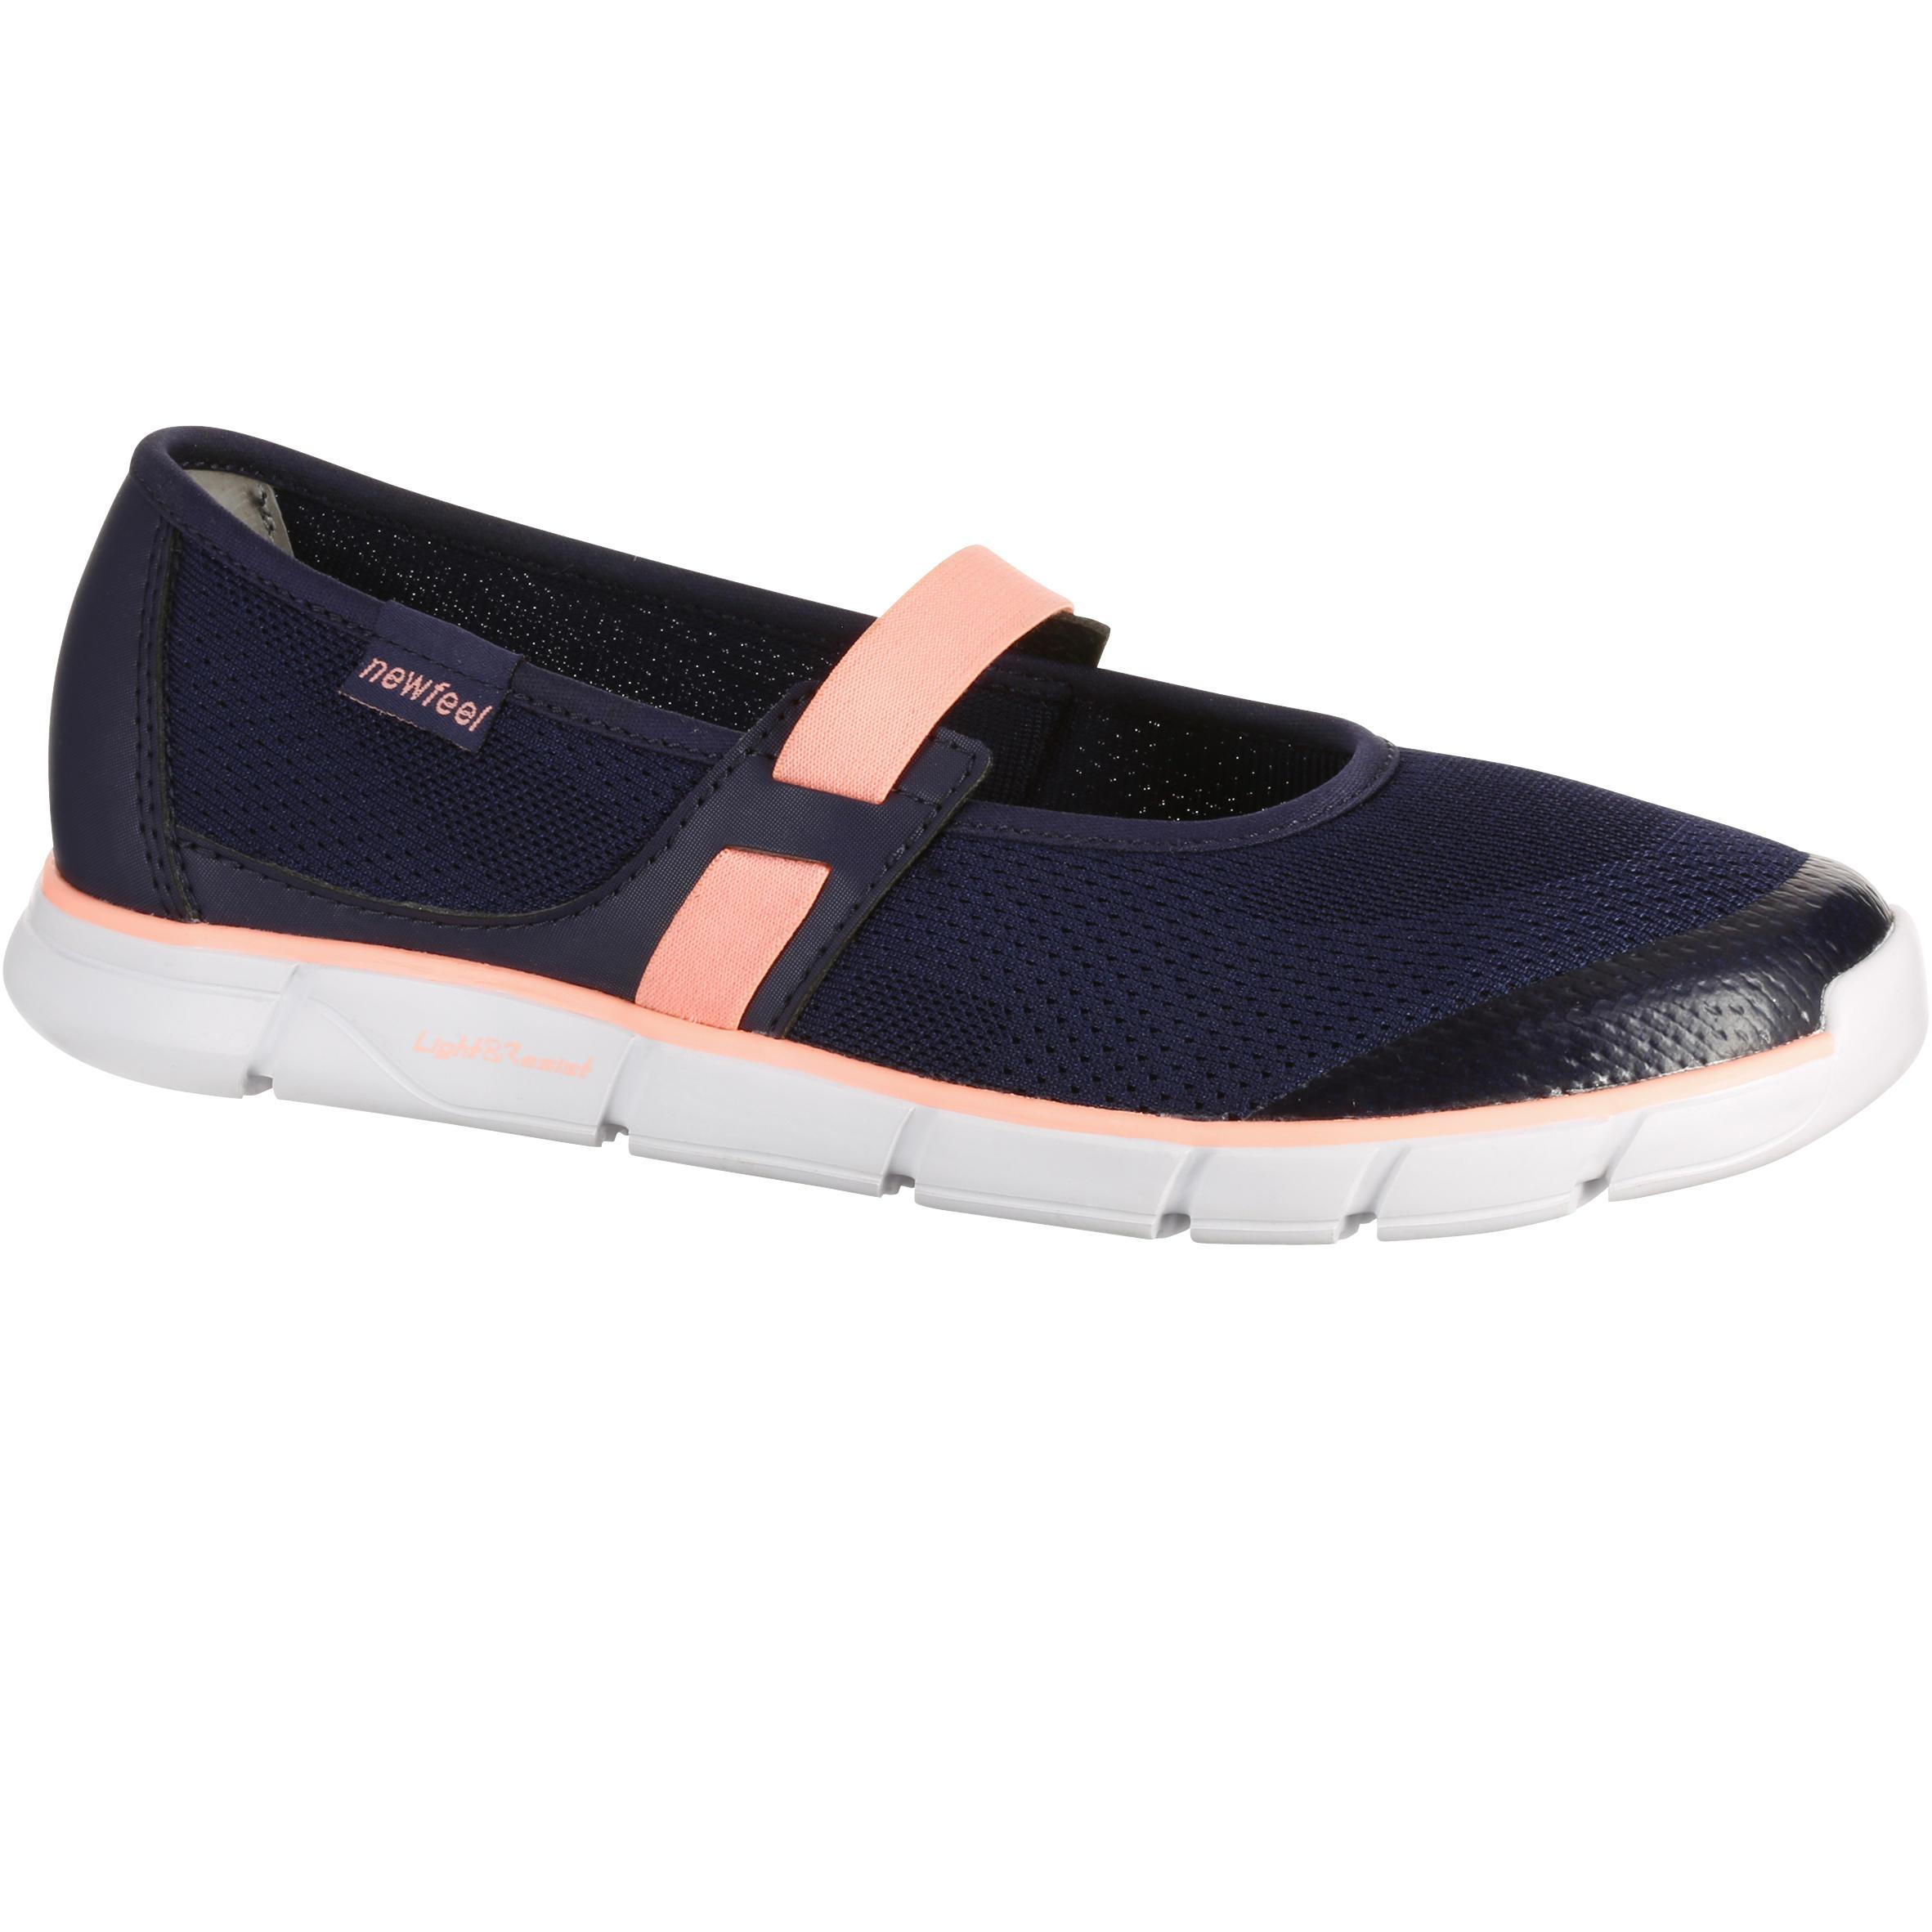 Newfeel Damesballerina's Soft 520 voor sportief wandelen marineblauw/koraal